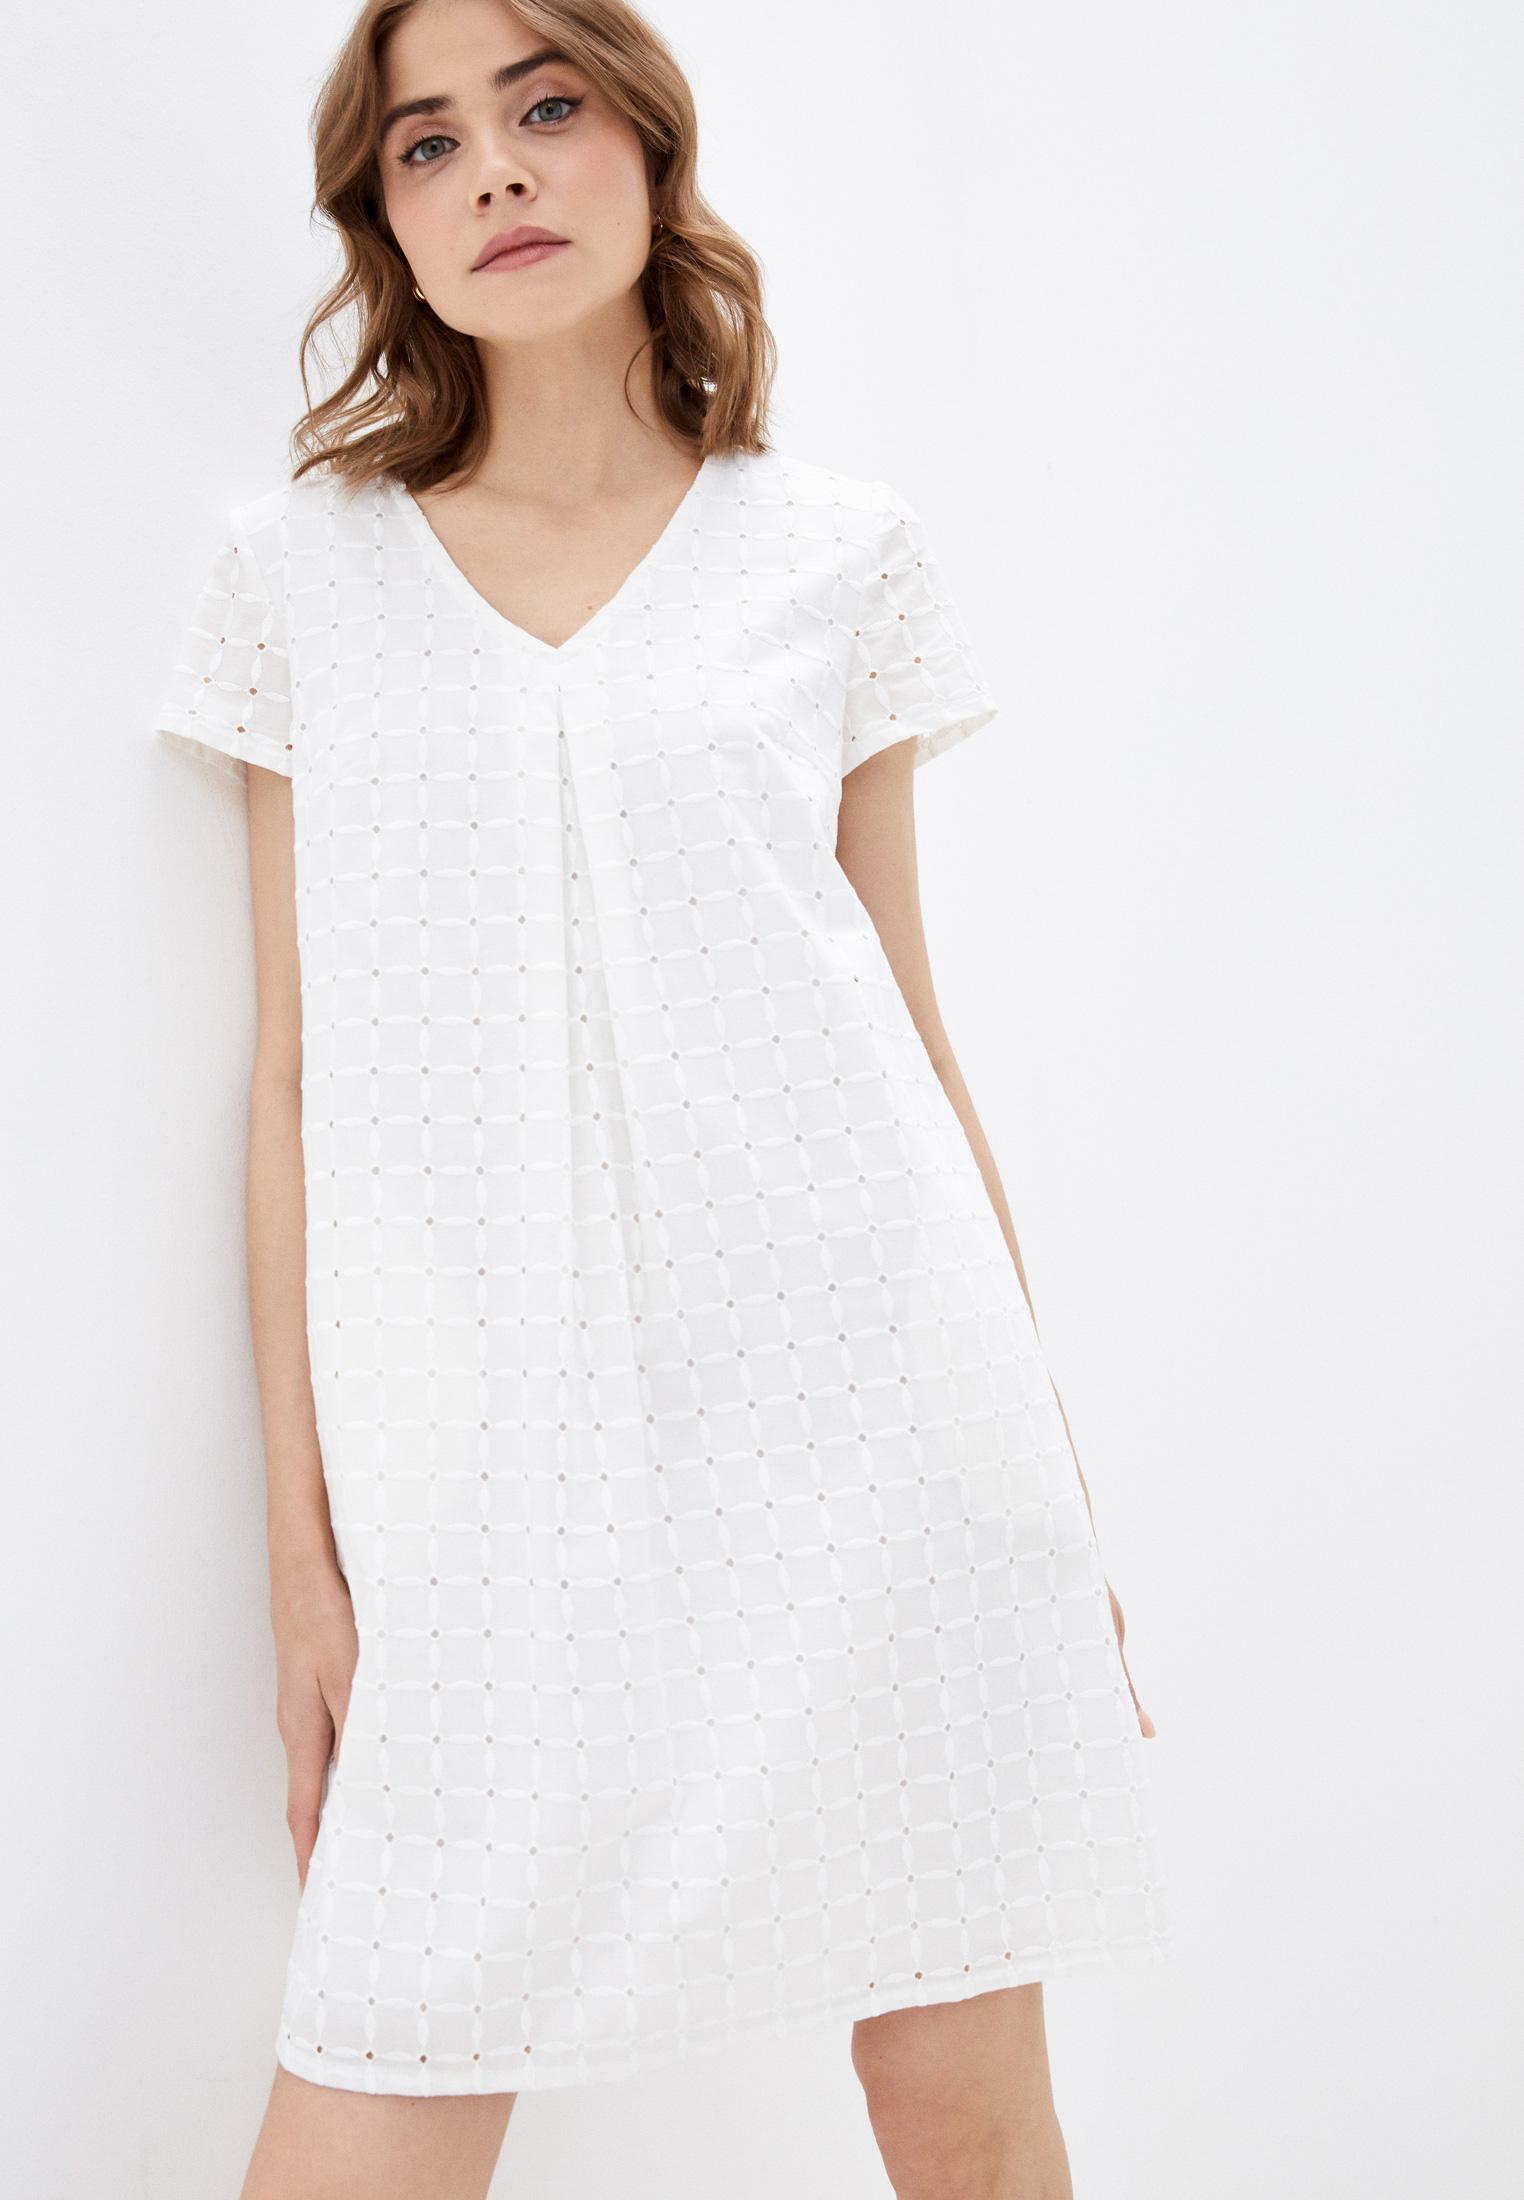 Повседневное платье Betty Barclay Платье Betty Barclay